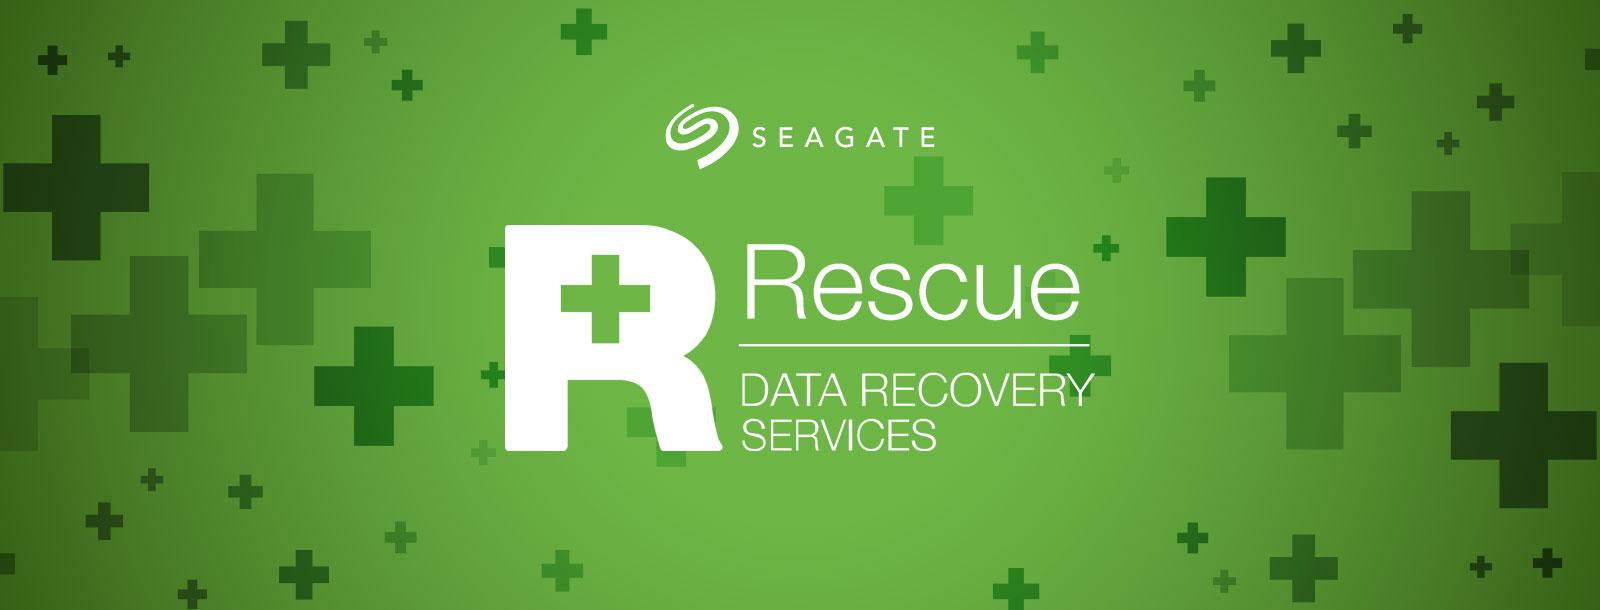 Chroń rzeczy, które kochasz – Seagate Rescue Data Recovery Services